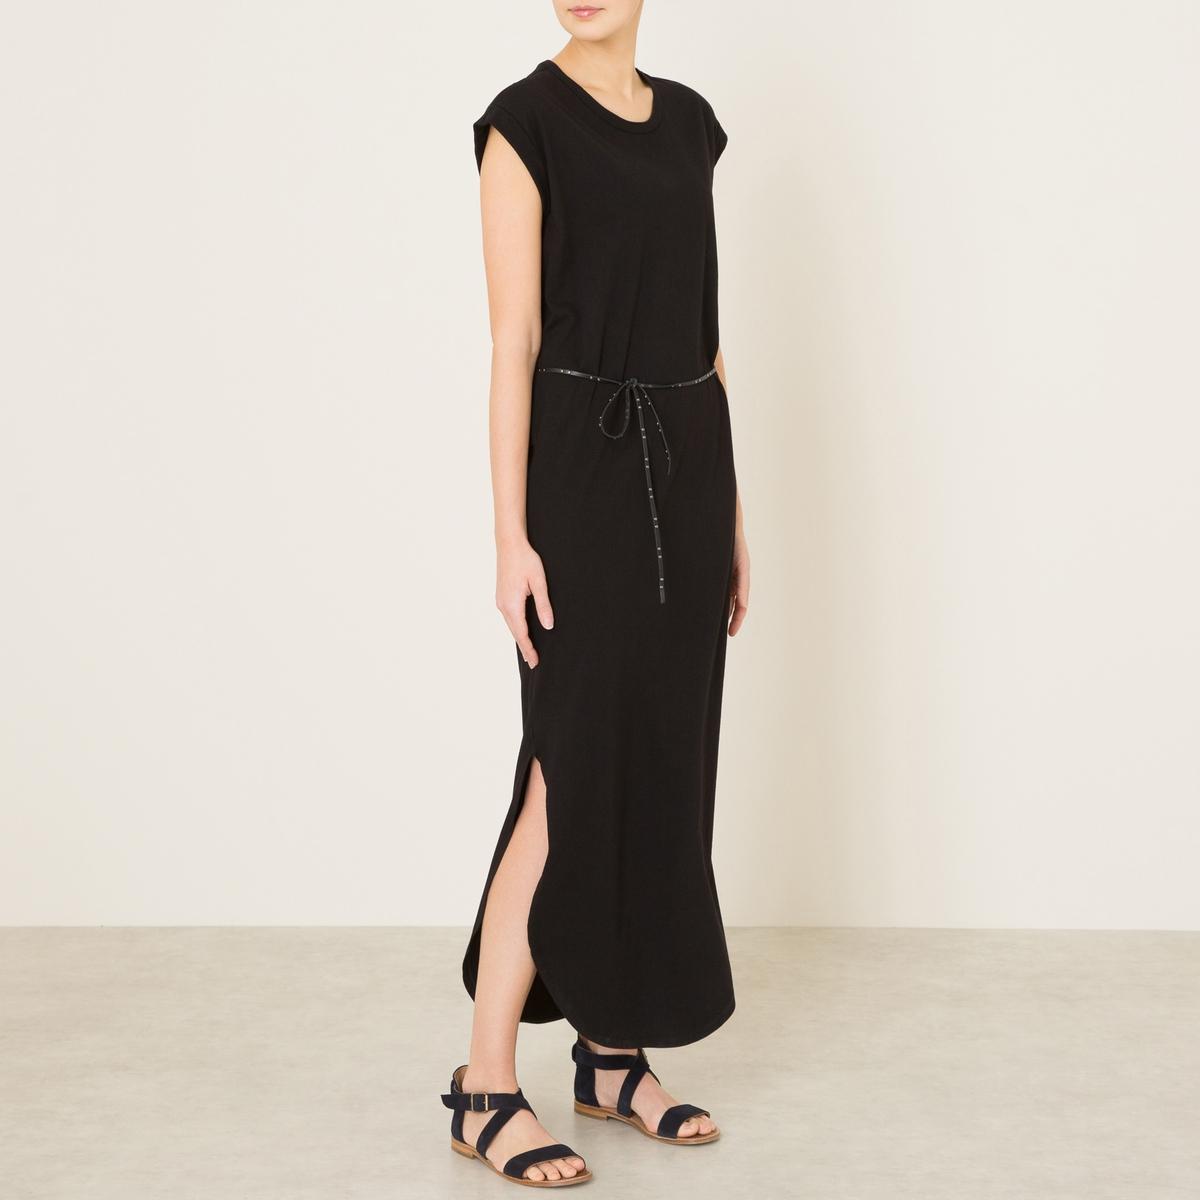 Платье длинное с поясомСостав и описание Материал : 100% хлопокДлина : ок. 140 см. для размера 36Марка : MAISON SCOTCH<br><br>Цвет: черный